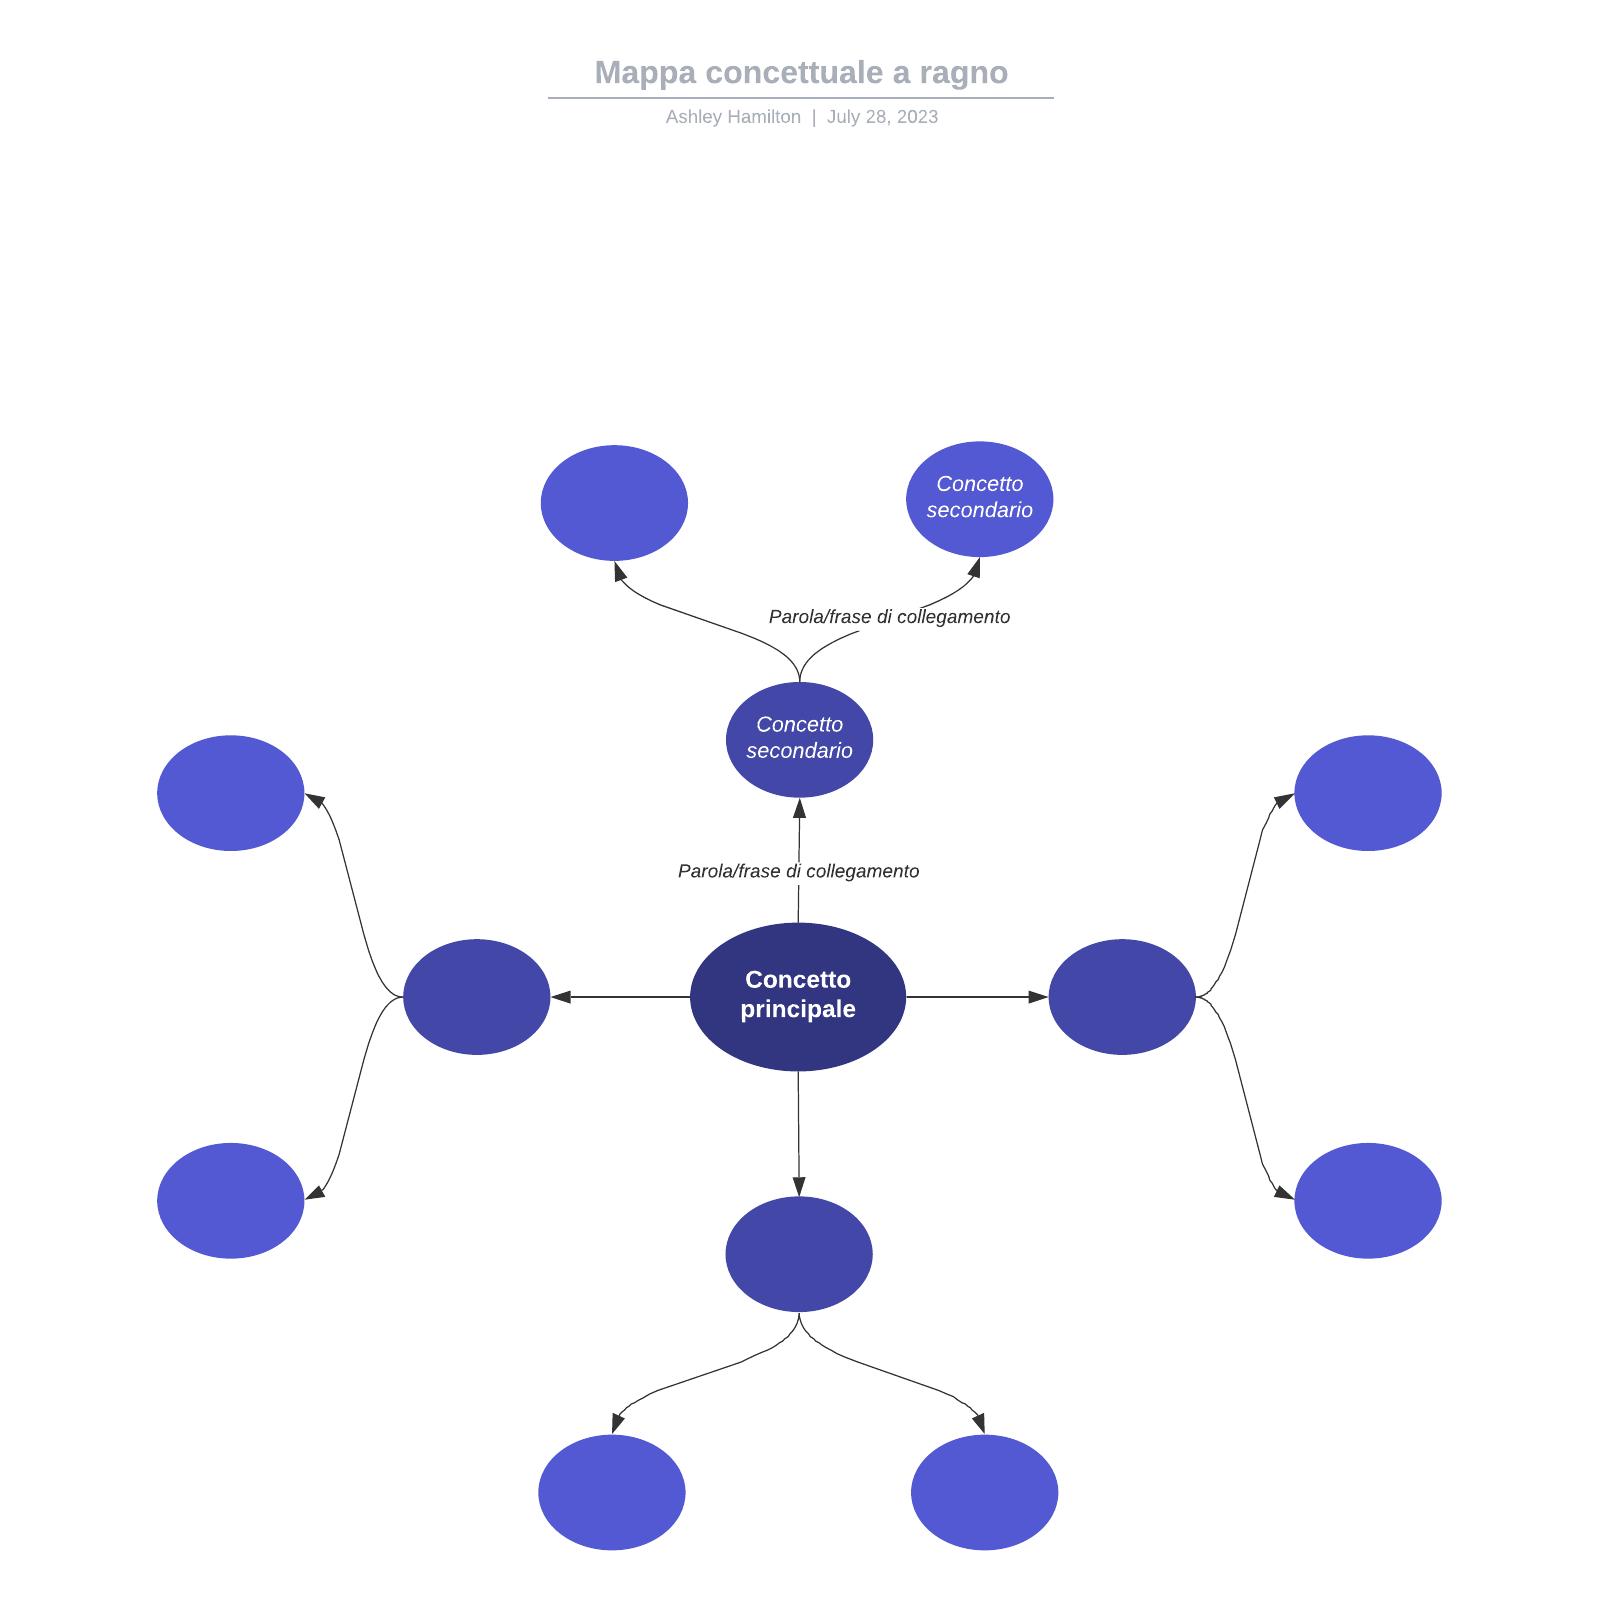 Mappa concettuale a ragno